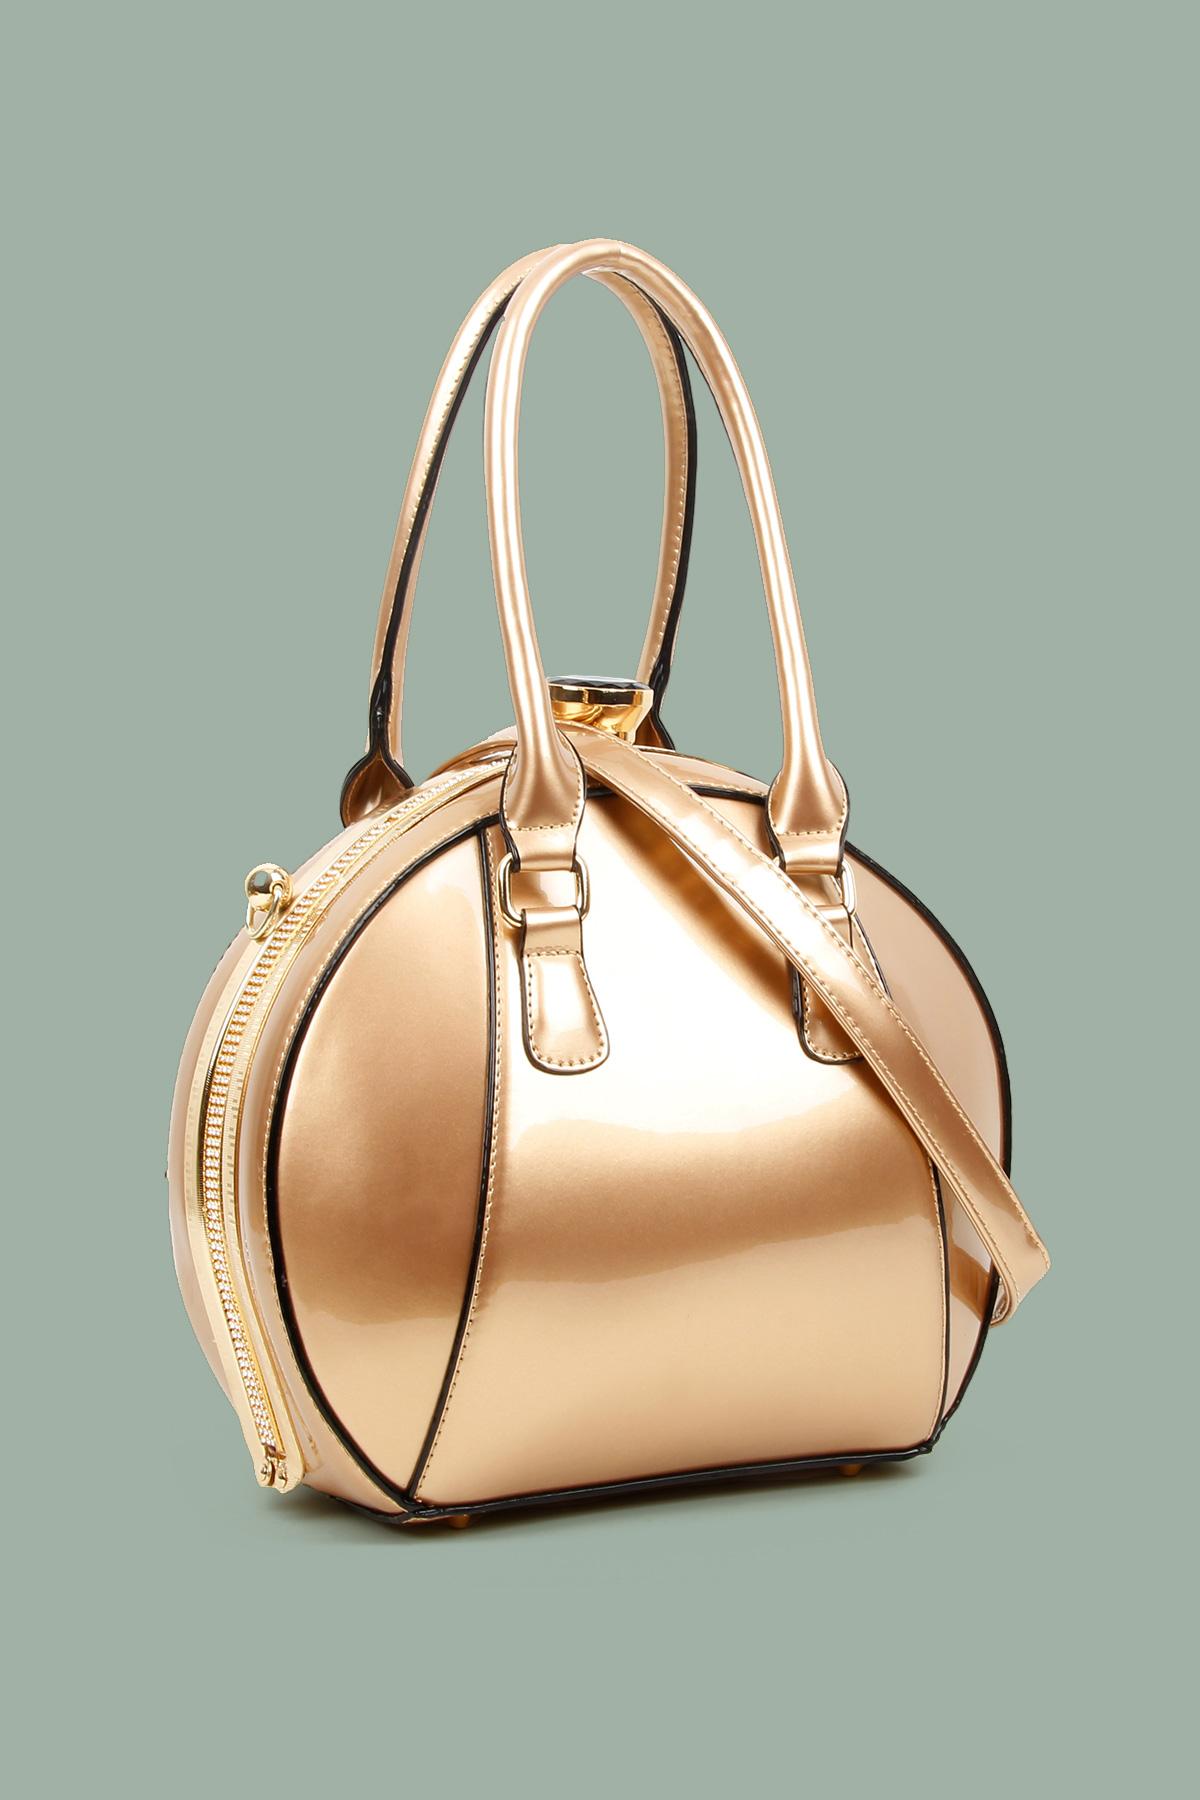 Λουστρίνι τσάντα σε στρογγυλό σχήμα, με μακρύ λουράκι για τον ώμο, χρυσαφί λεπτομέρεια στο προφίλ που κλείνει με κούμπωμα στρας. Φορέστε την το απόγευμα στη βόλτα ή σε μια επίσημη περίσταση!